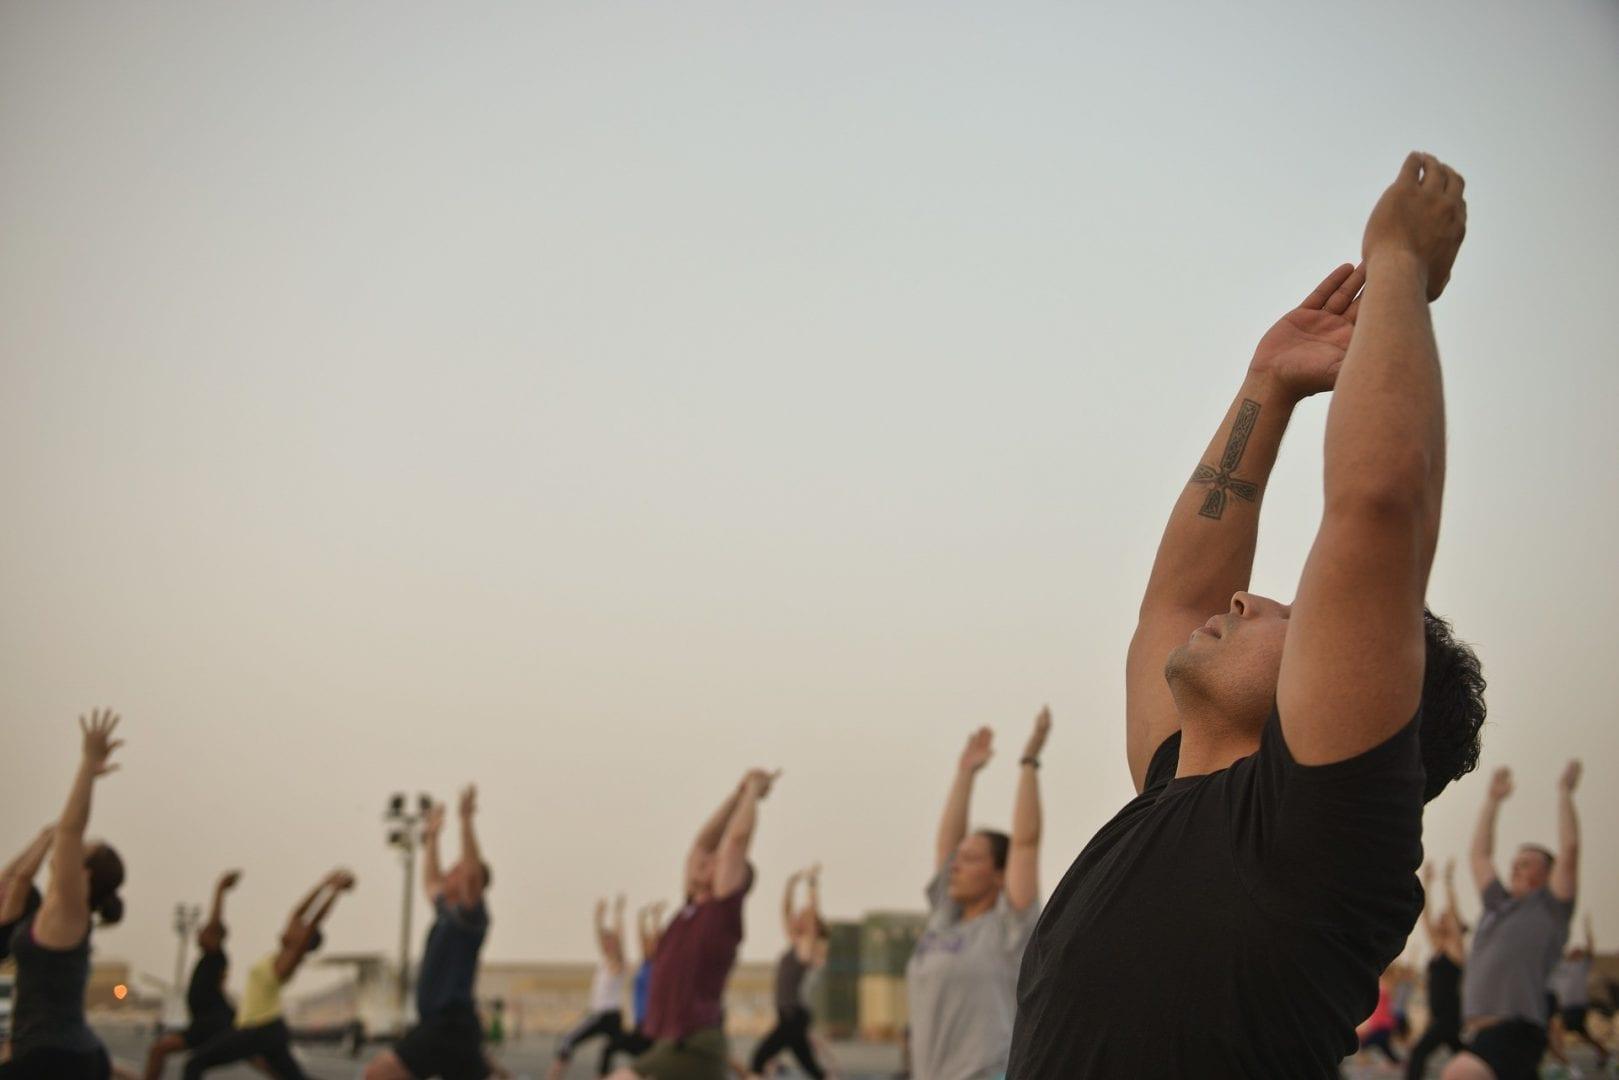 Posições de Yoga - 15 posturas capazes de transformar seu corpo